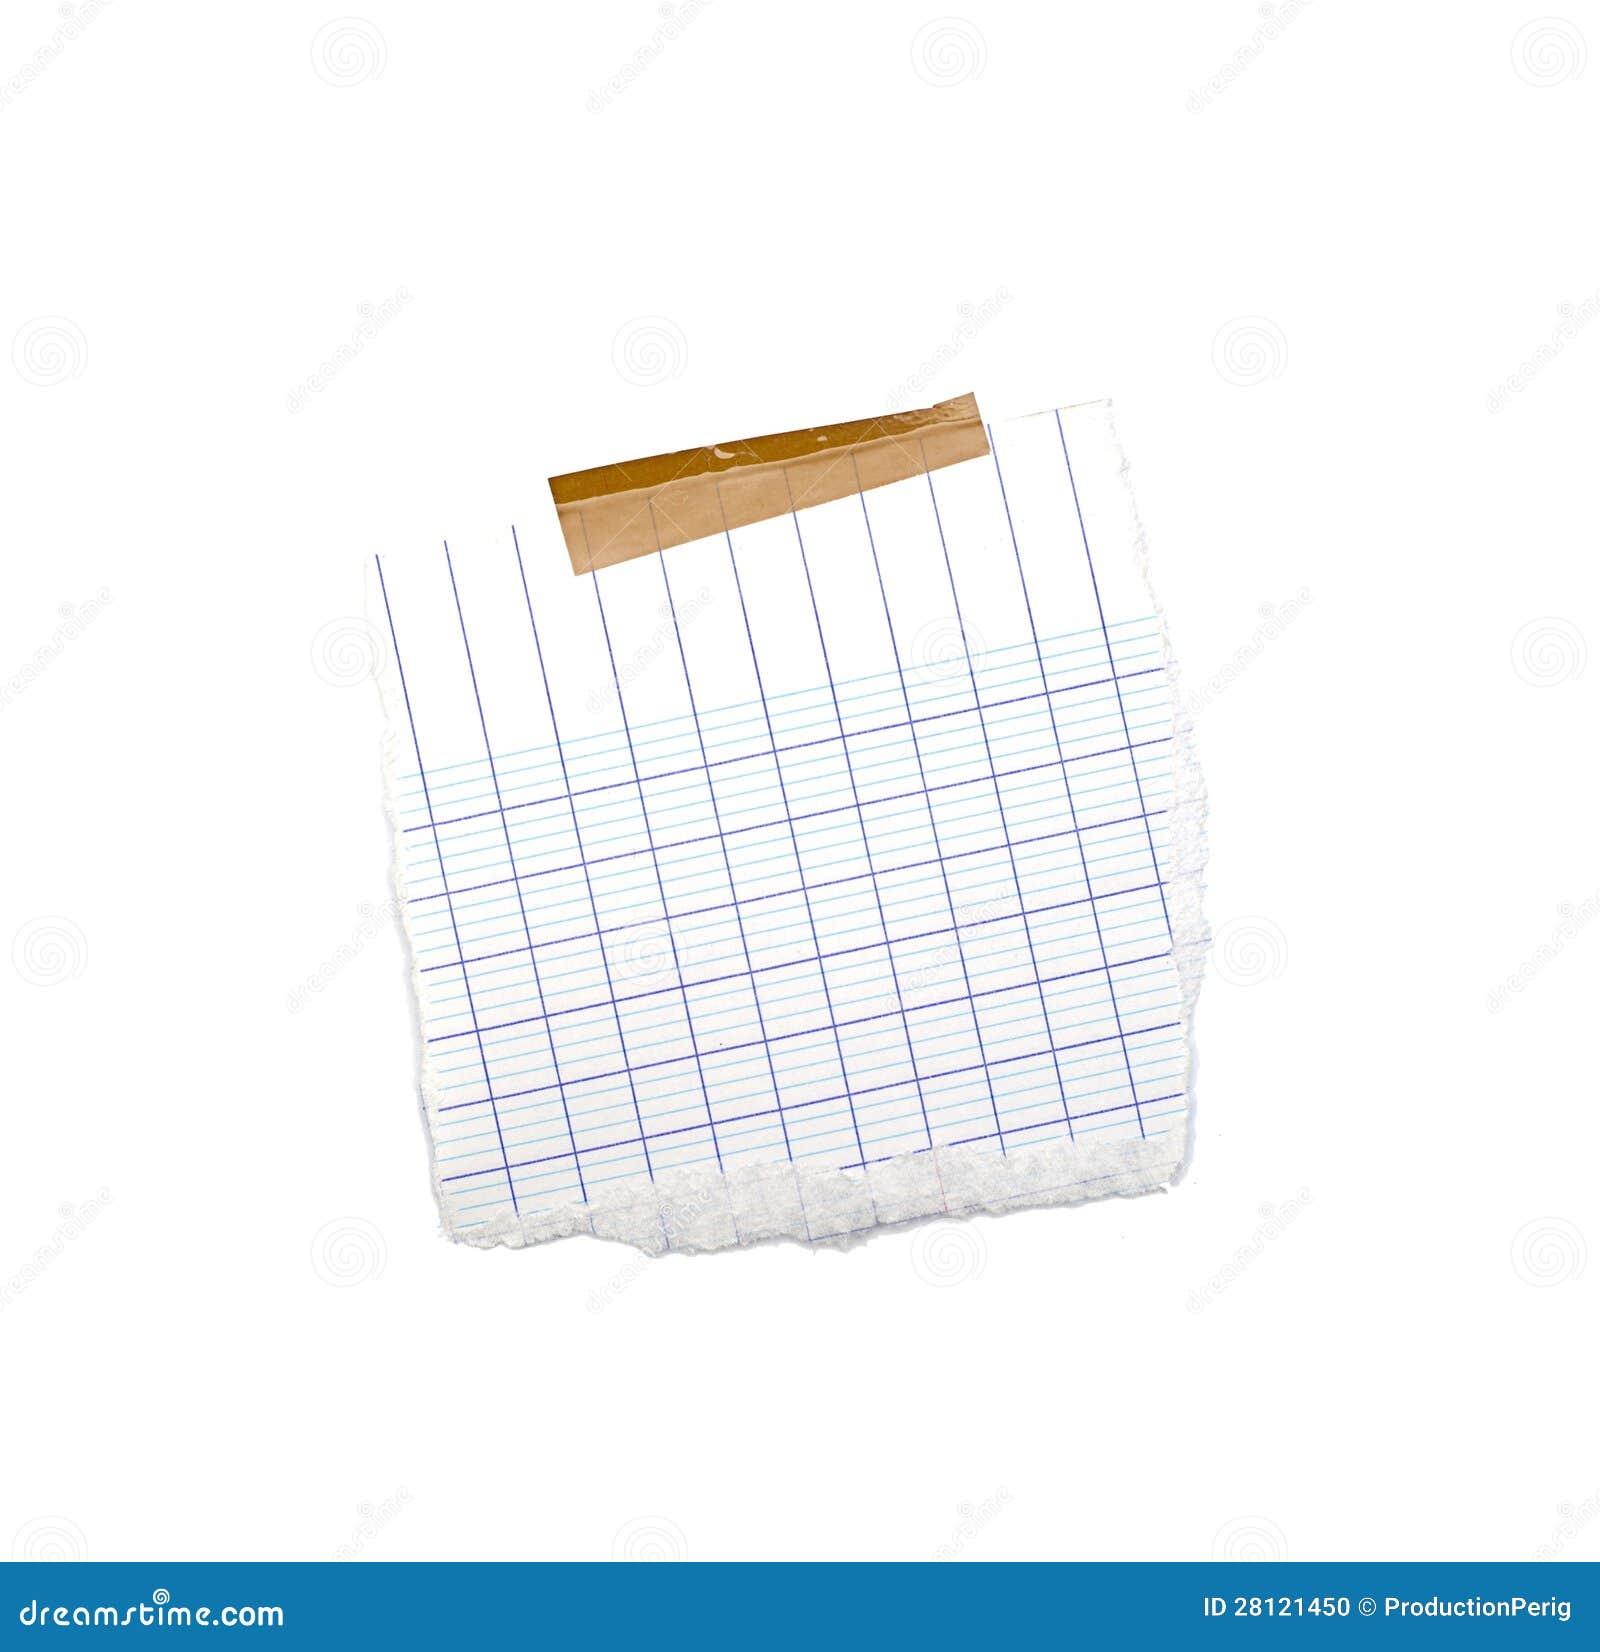 Mały kawałek papieru trzymający adhezyjnym